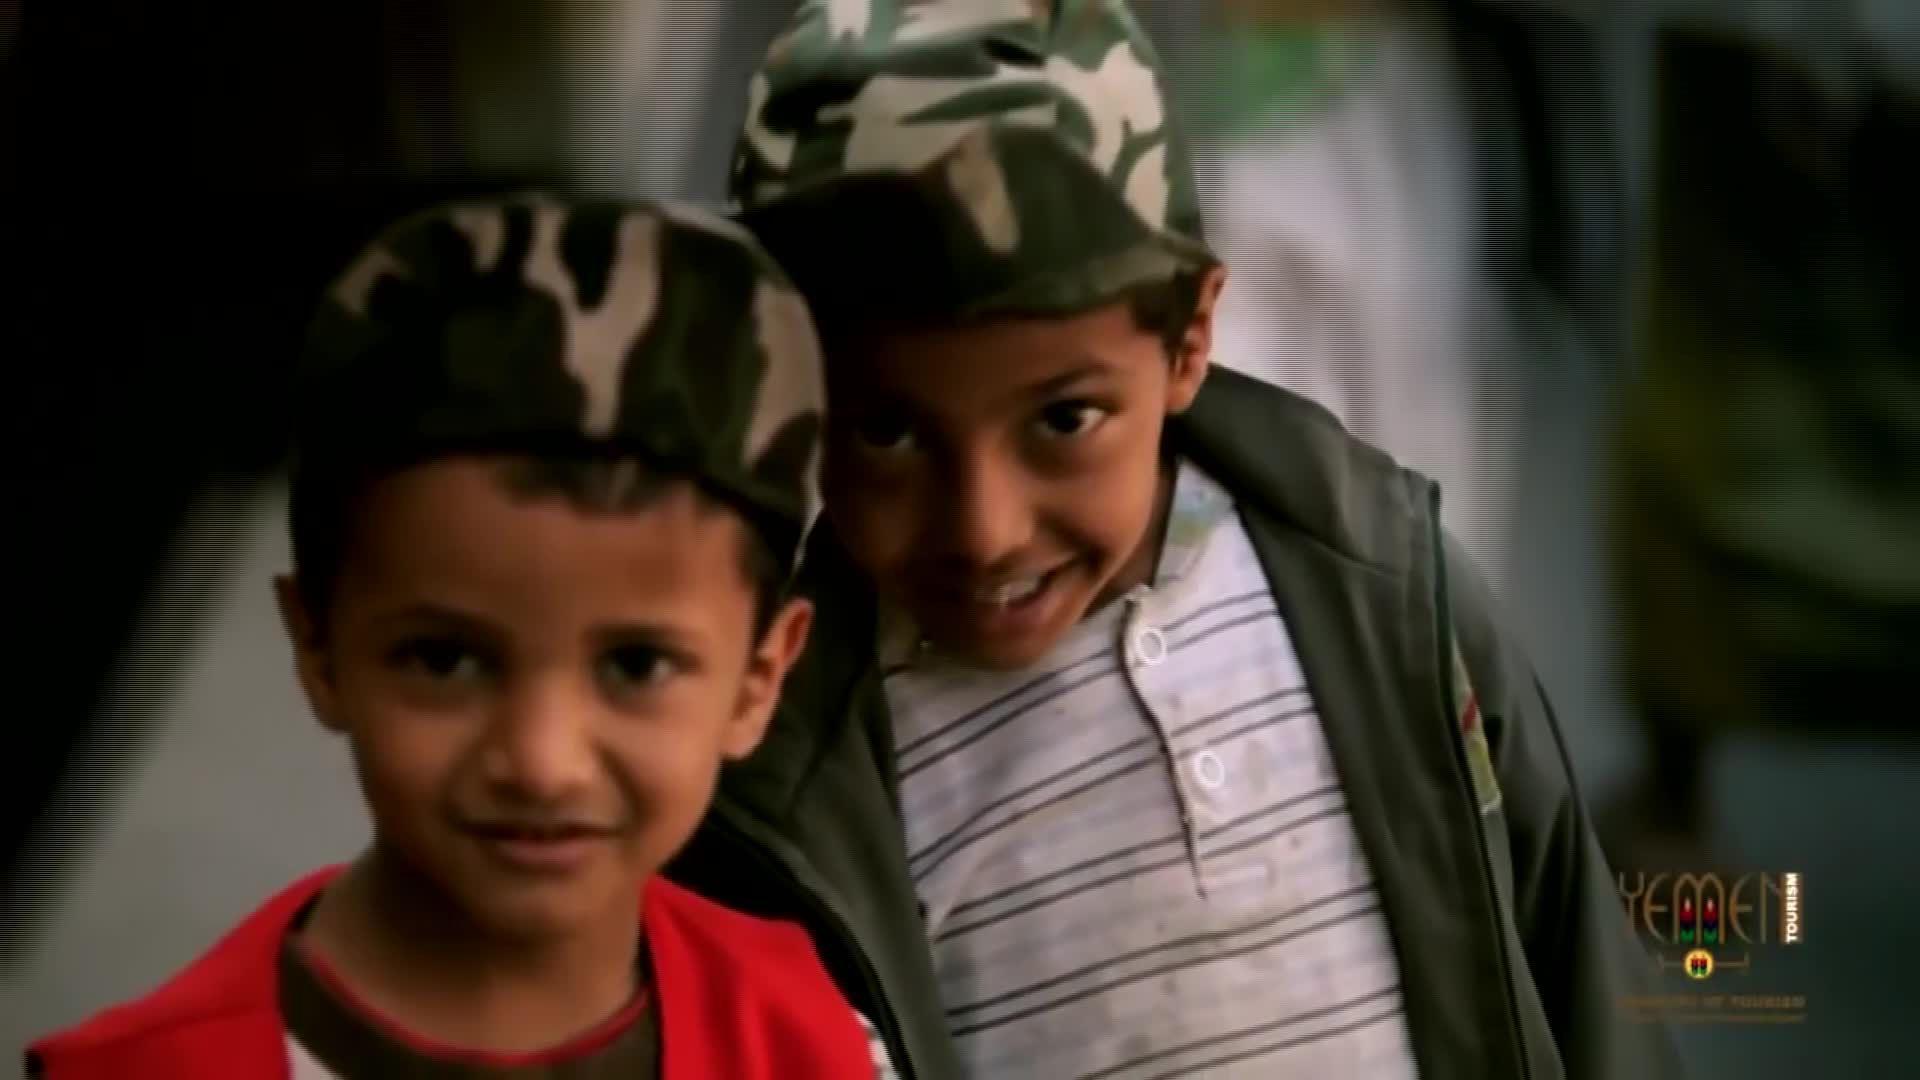 Cuộc sống thường ngày ở Sana'a - thủ đô của Yemen